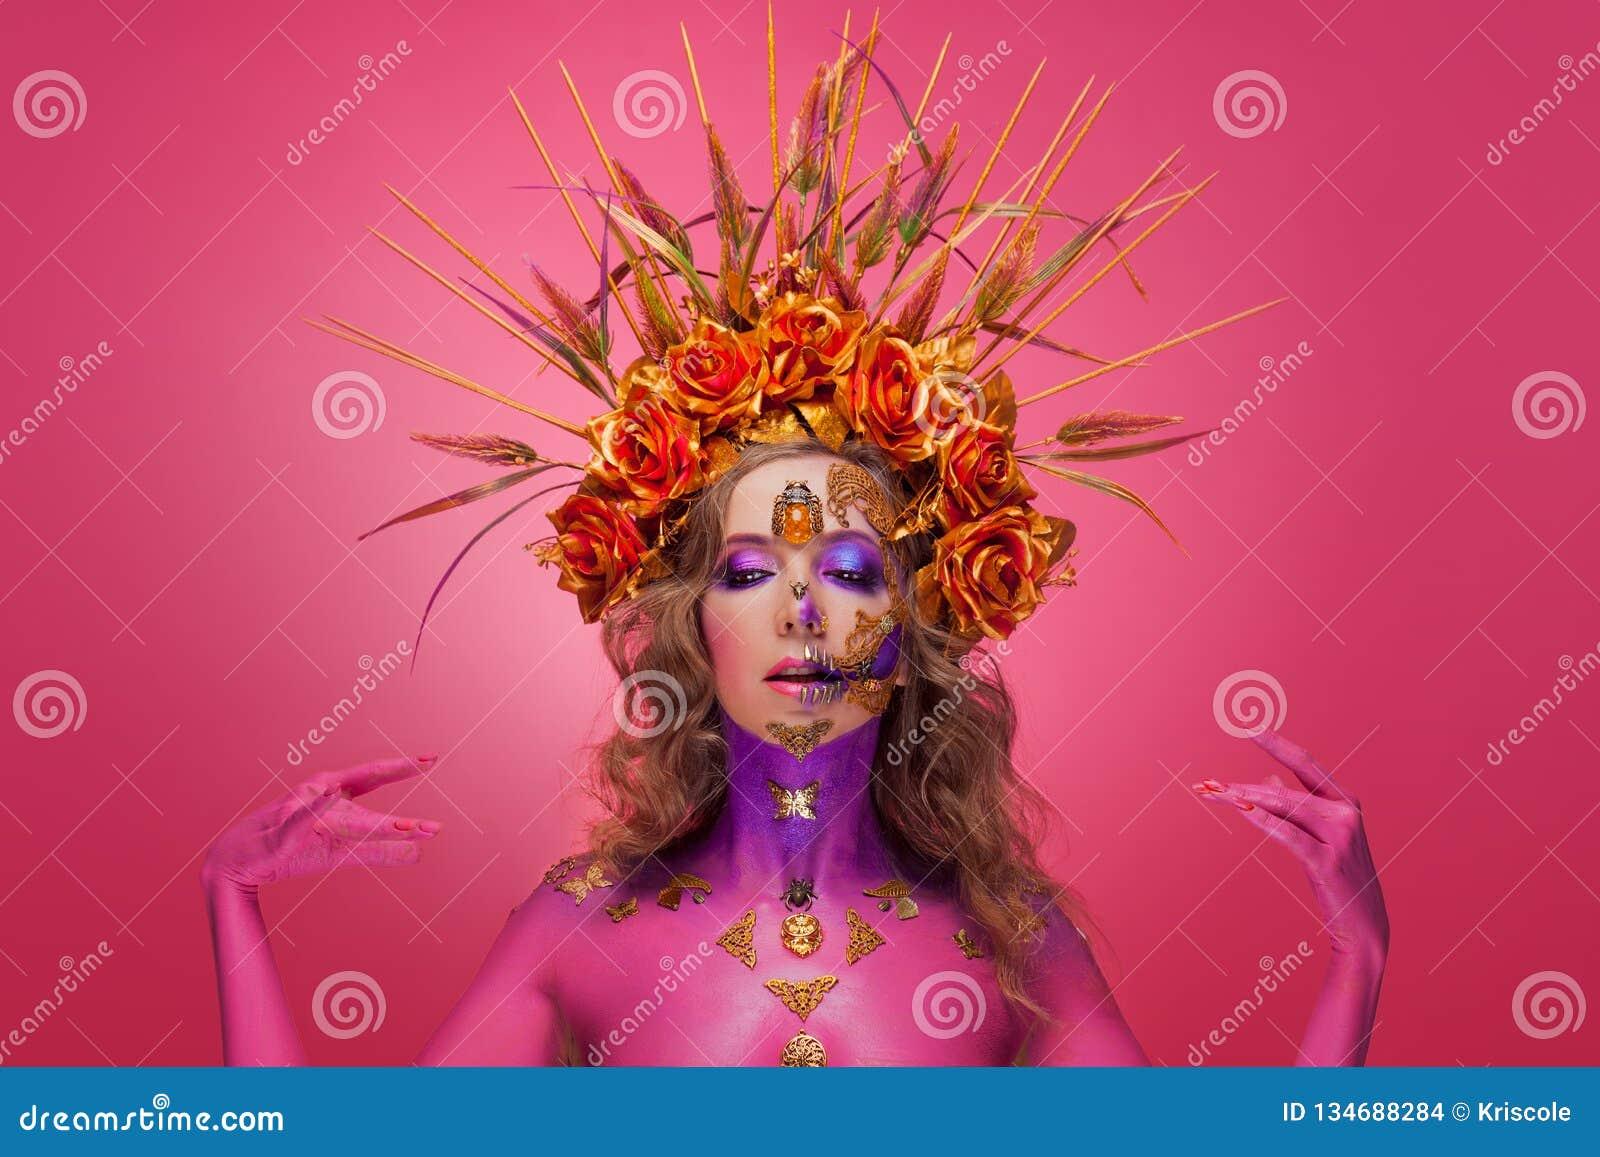 Ritratto di una donna con arte del fronte nello stile del giorno dei morti e della rinascita